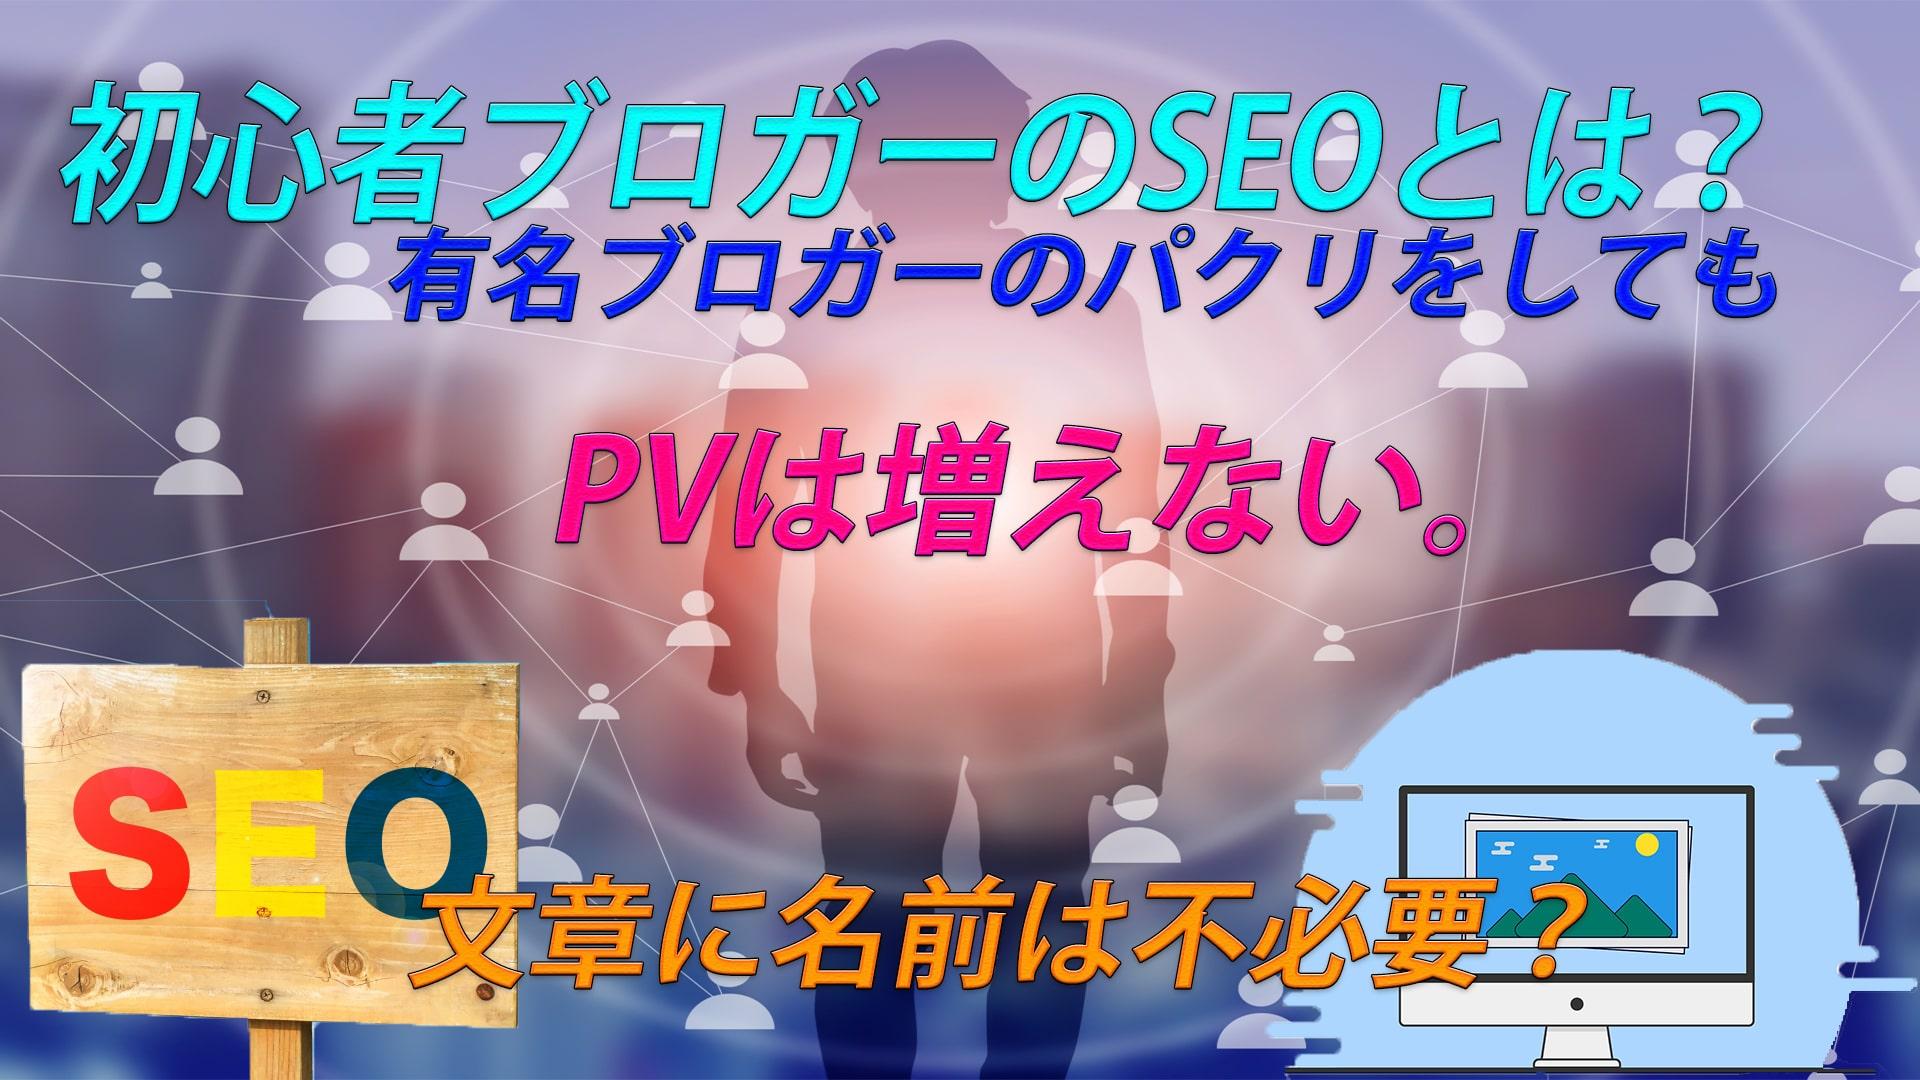 SEOを考えるなら有名ブロガーのパクリをしていてもPVは増えない。